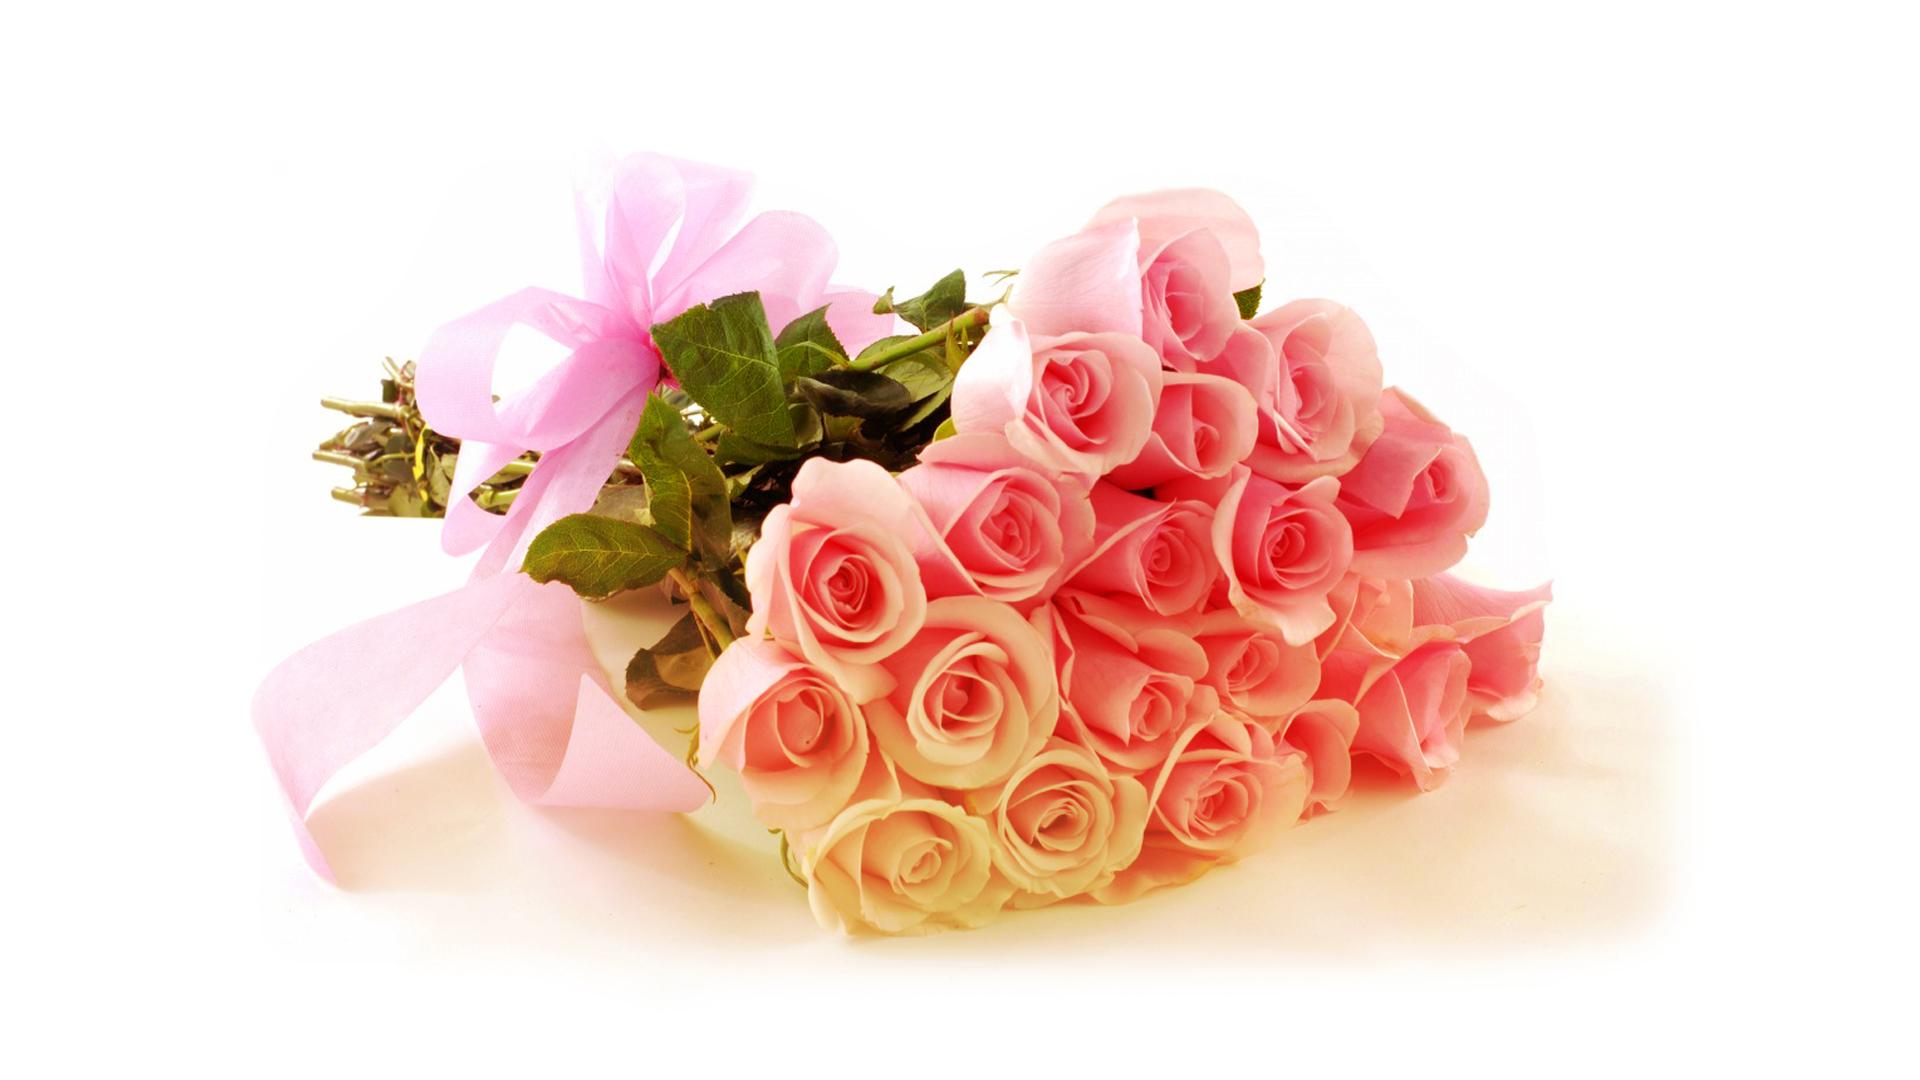 Розы букет  № 3015074 бесплатно